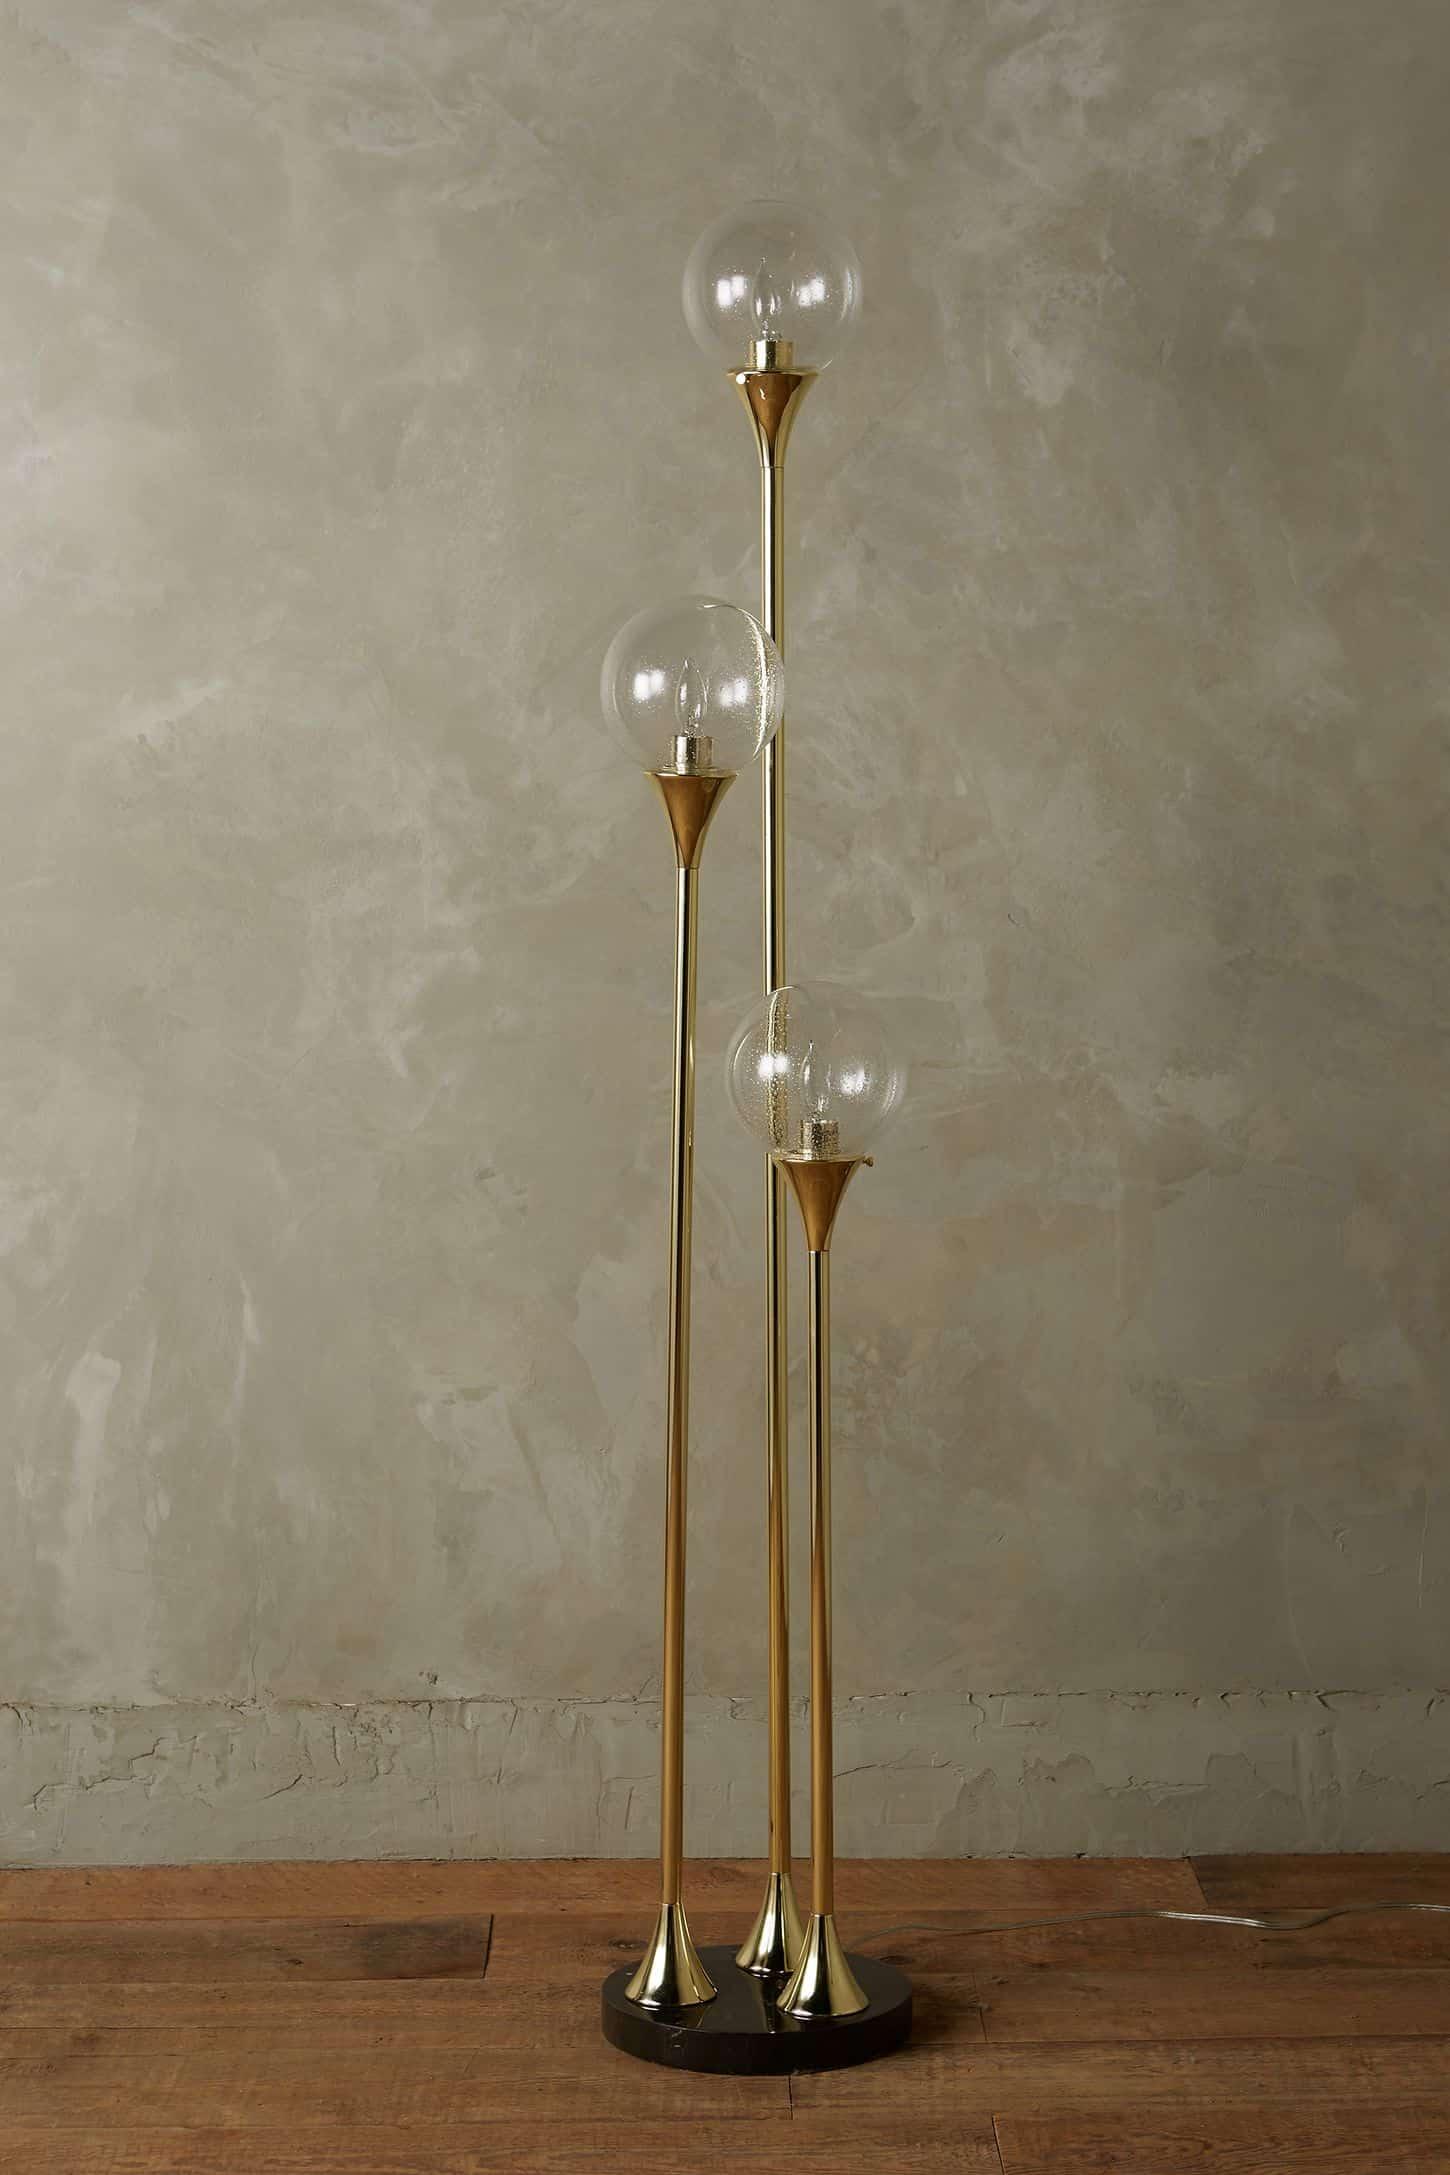 3 bulb golden floor lamp